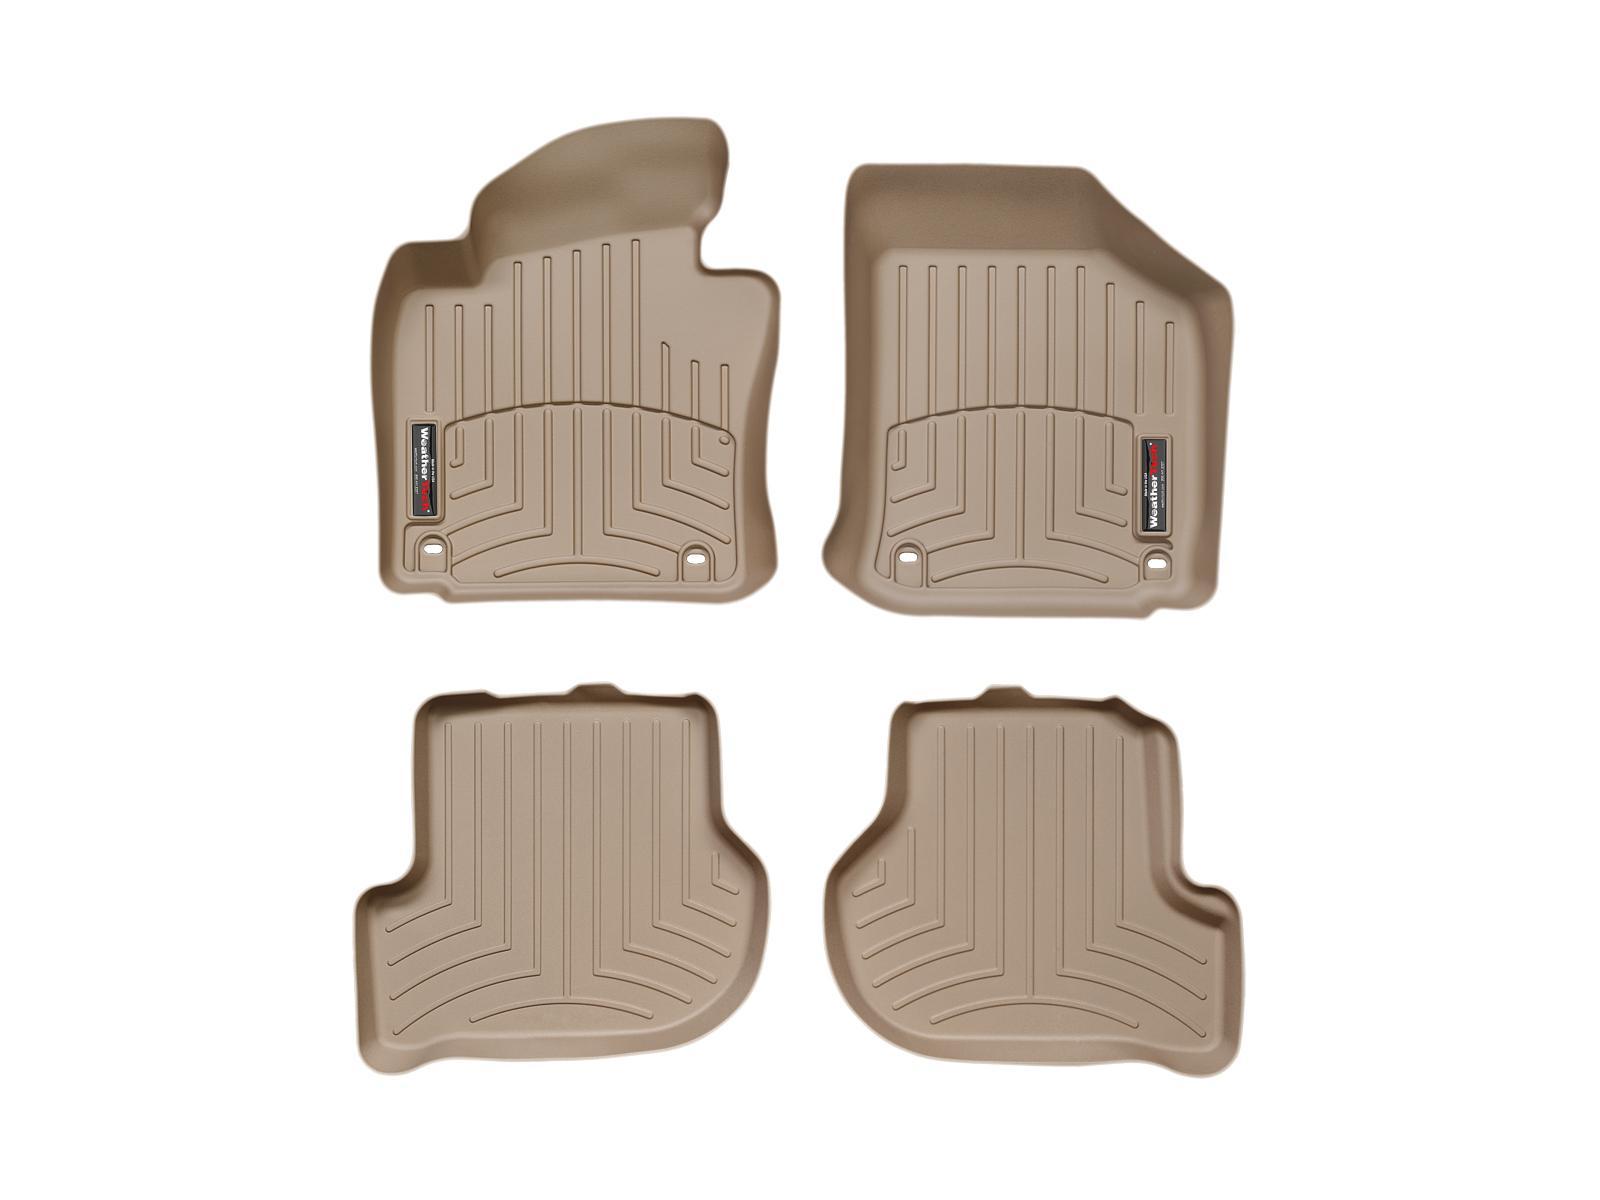 Tappeti gomma su misura bordo alto Volkswagen Golf 04>11 Marrone A4034*